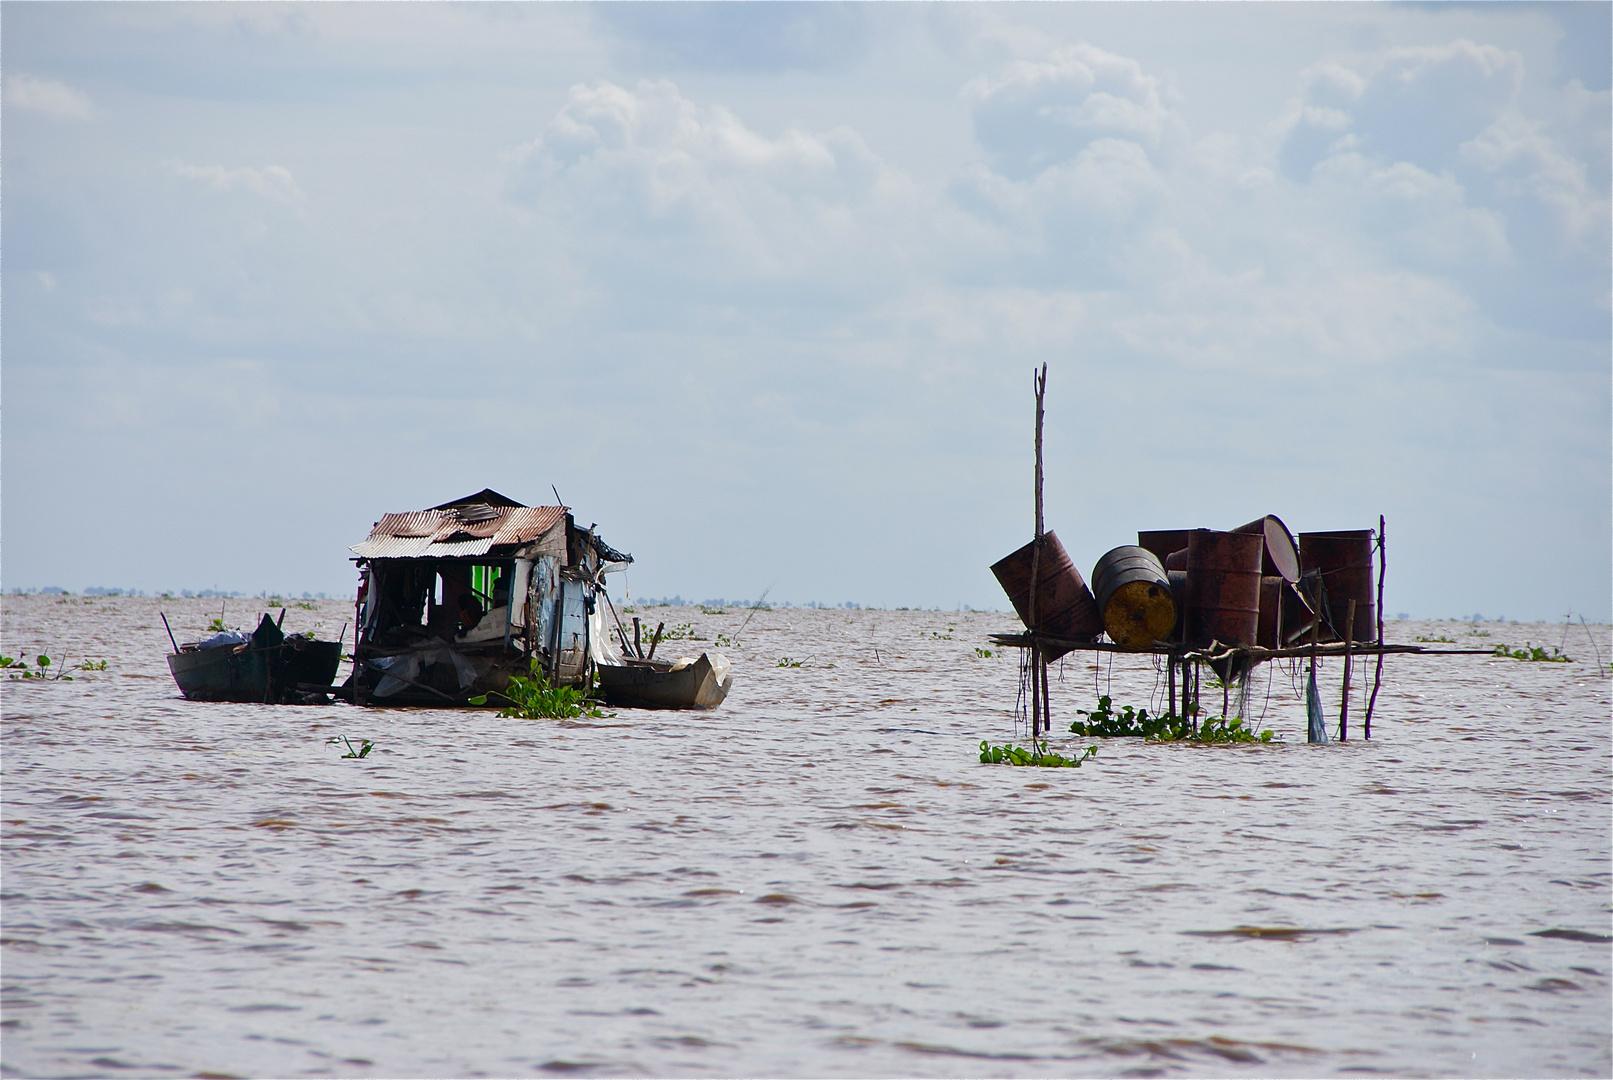 Garçonnière am tonle sap, cambodia 2010